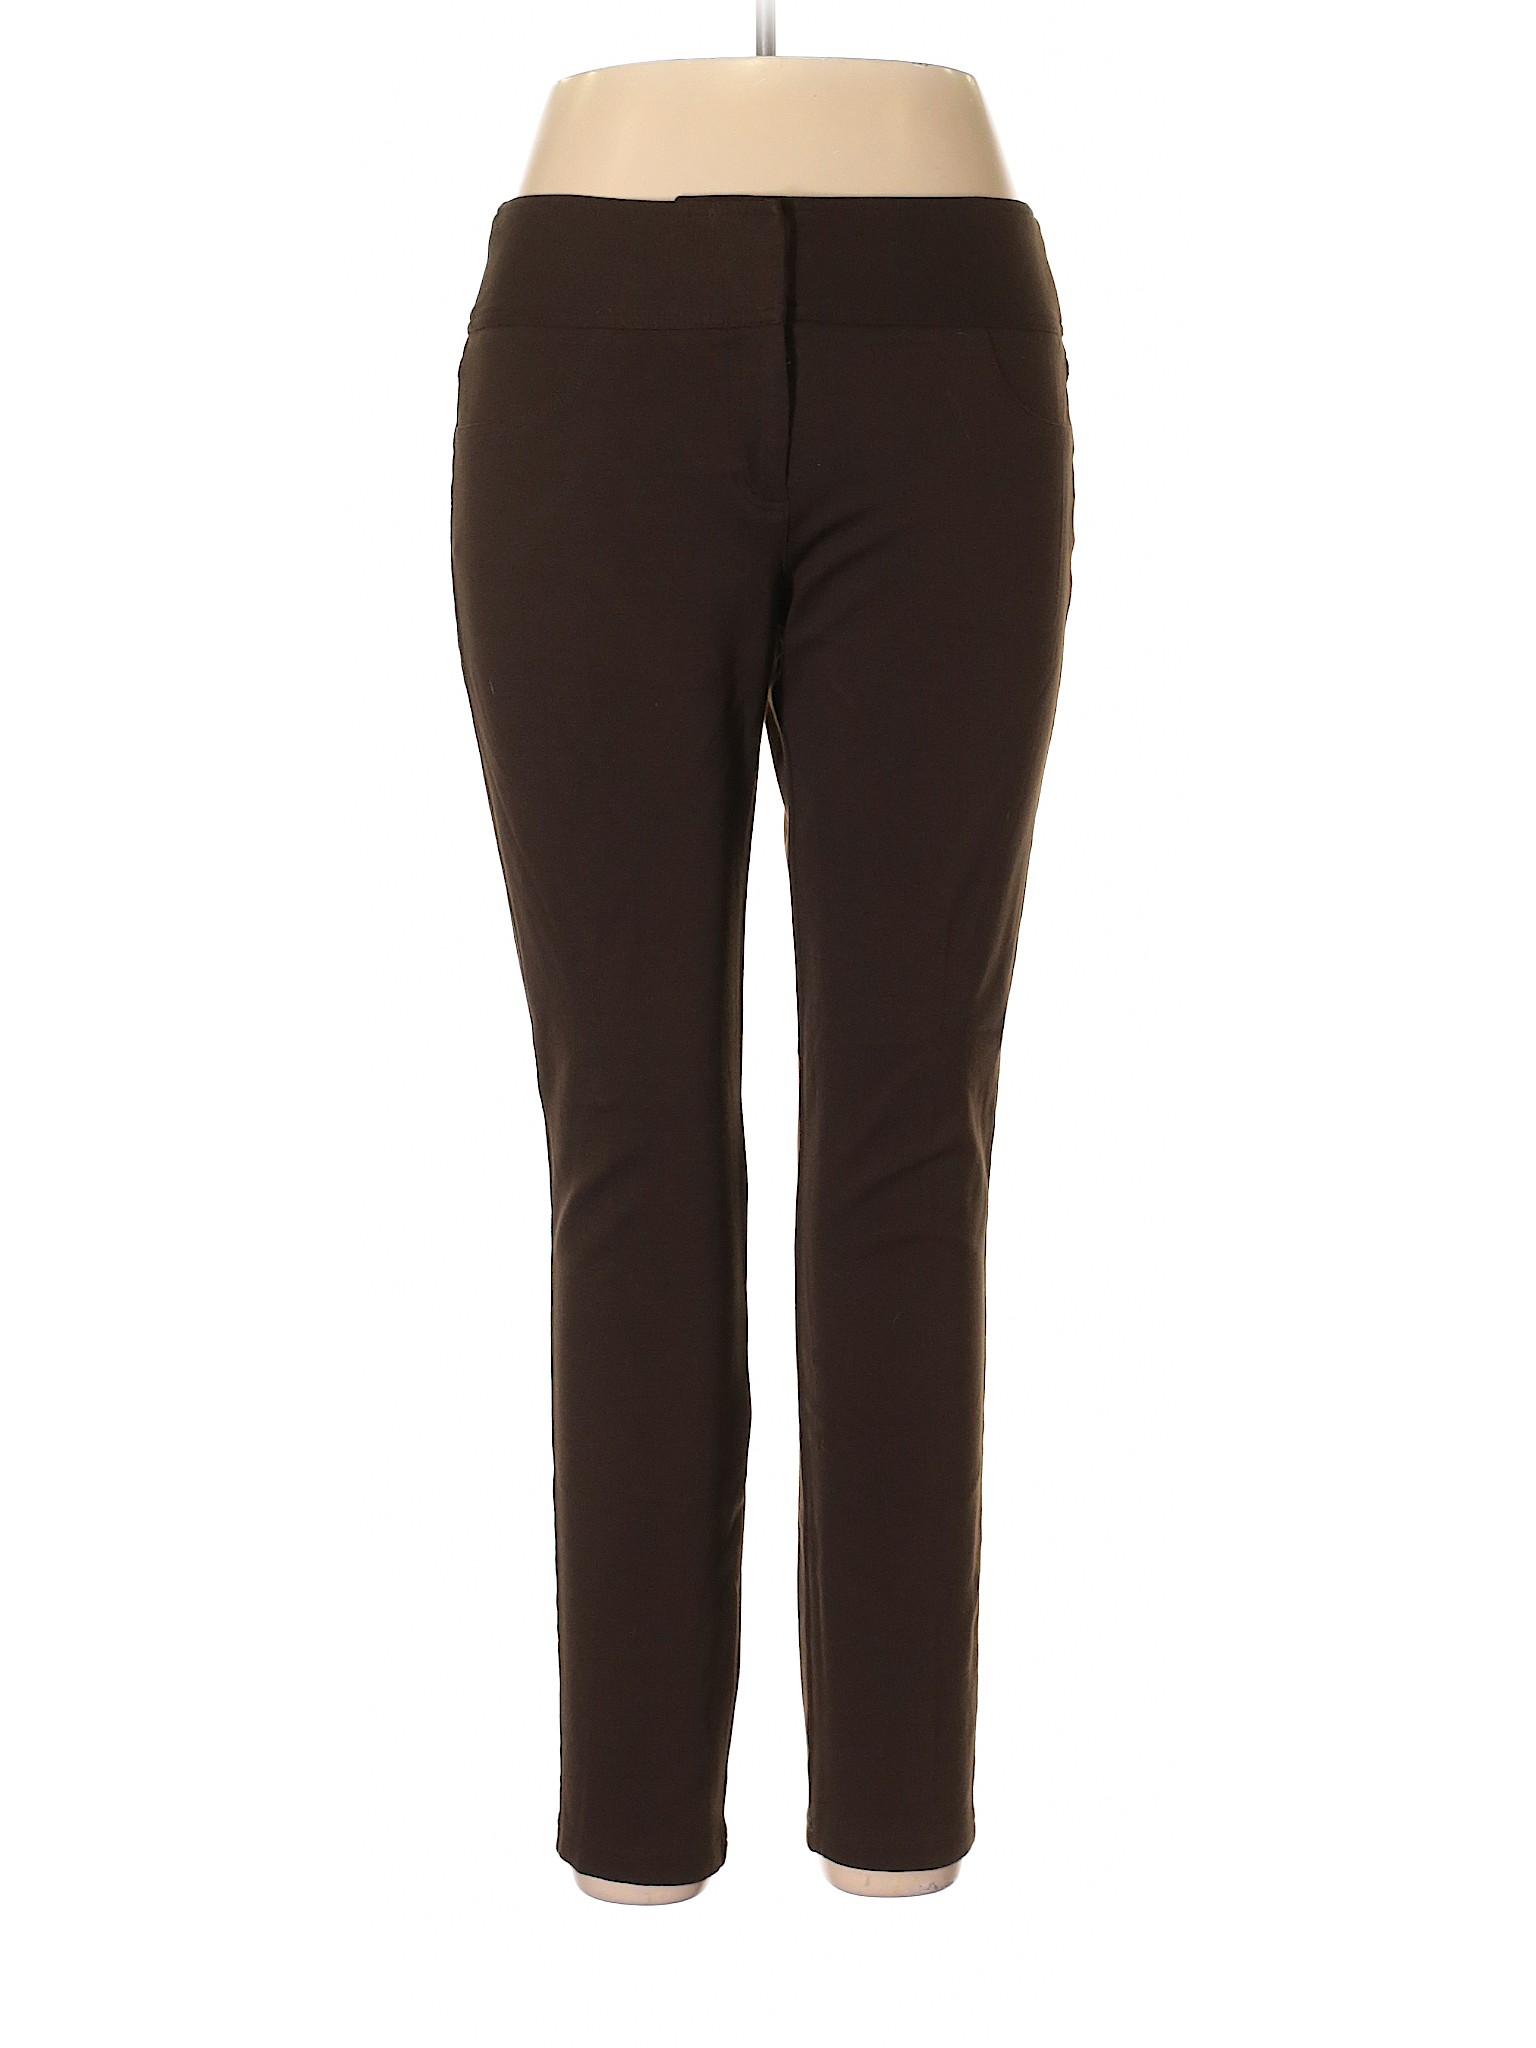 INC Pants Boutique Concepts International Casual winter gvvwq8